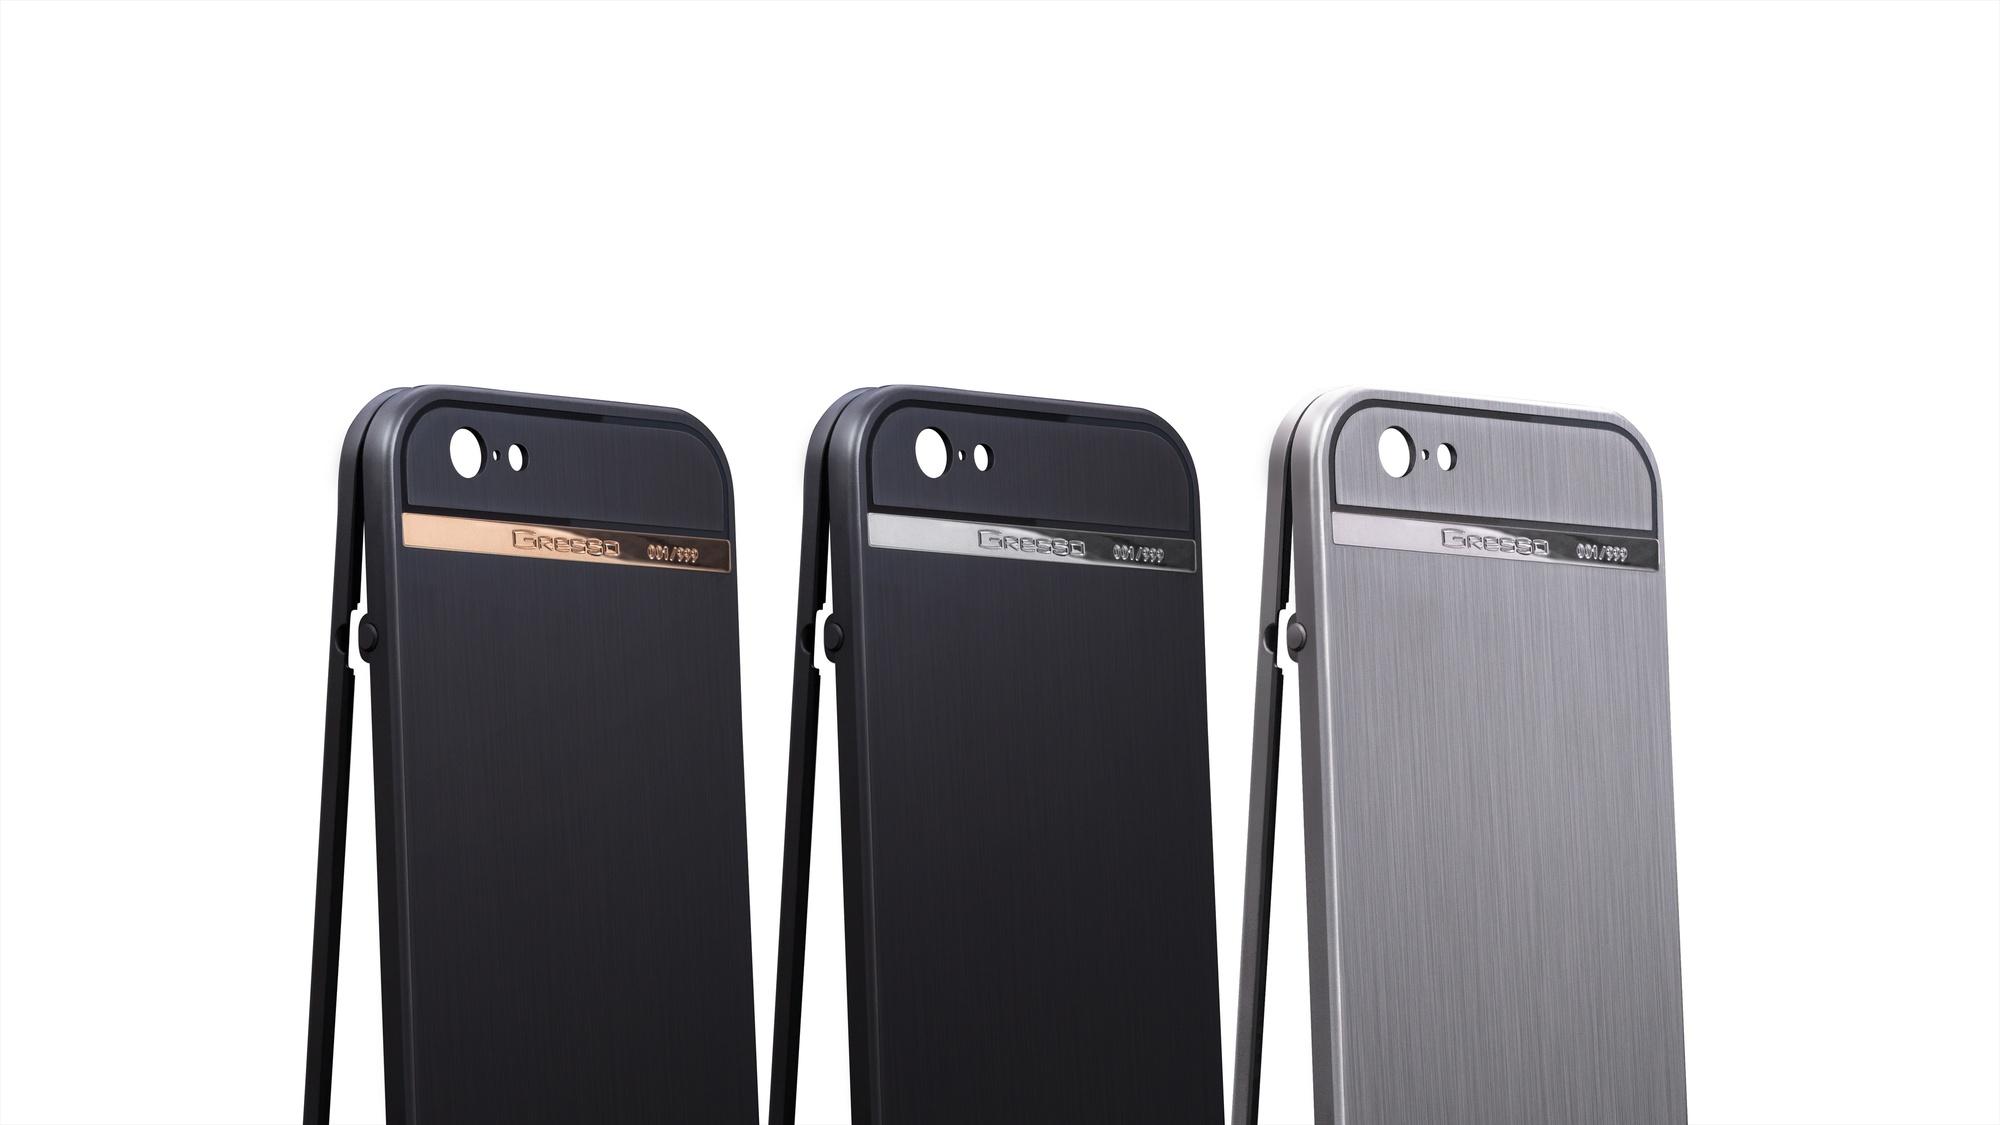 iPhone 6 můžete ochránit krytem za 25 tisíc